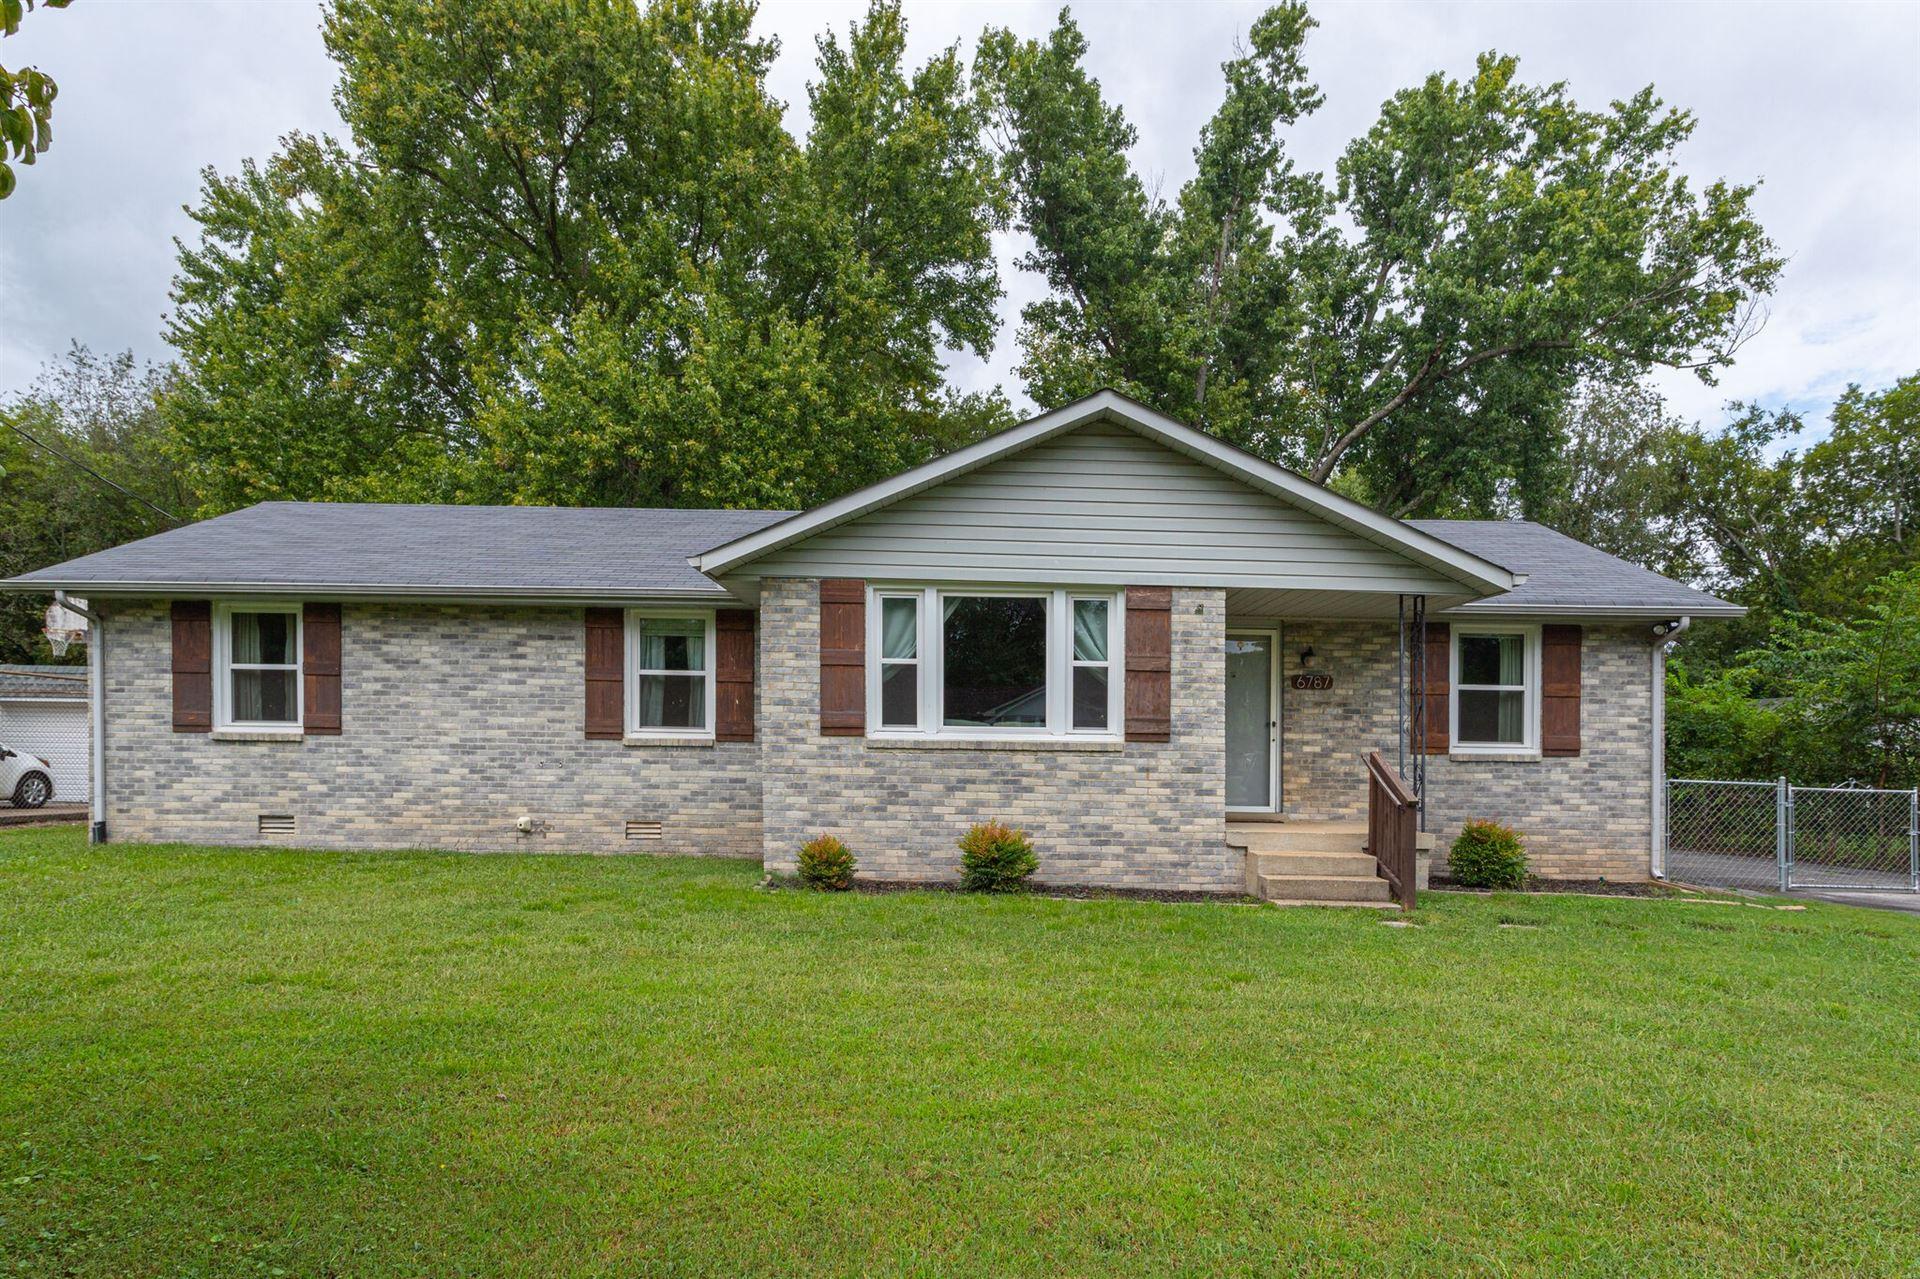 6787 Longview Dr, Murfreesboro, TN 37129 - MLS#: 2291964